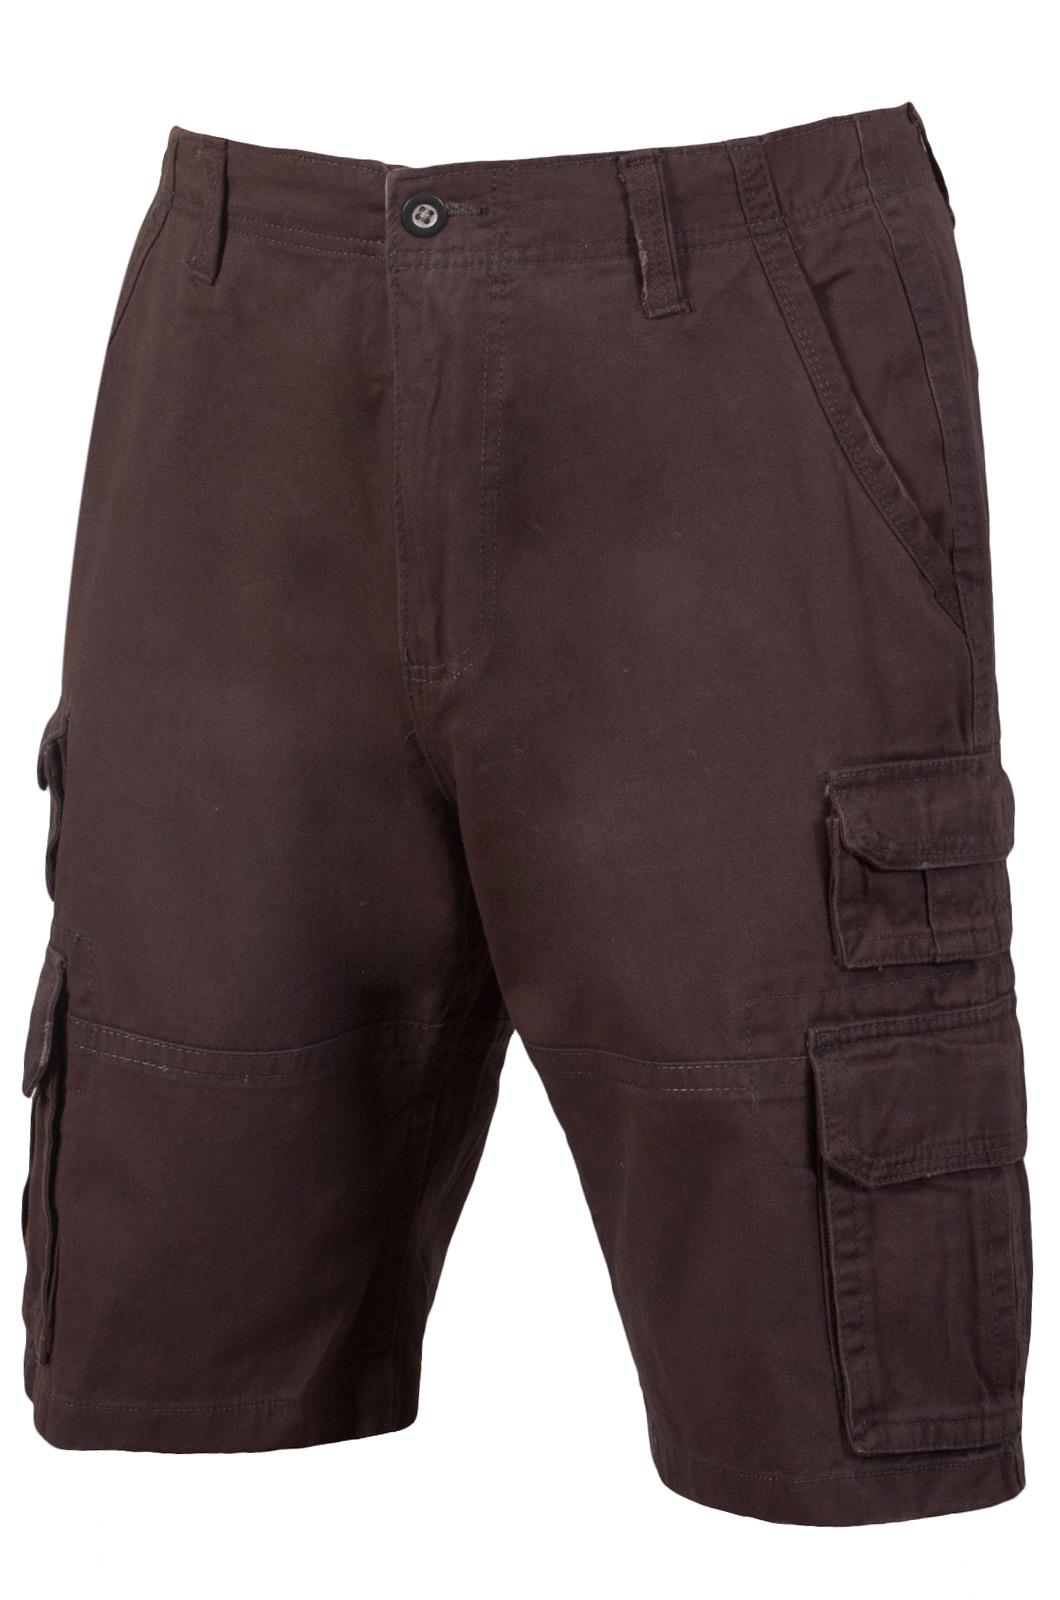 Модные коричневые шорты - купить онлайн в интернет-магазине